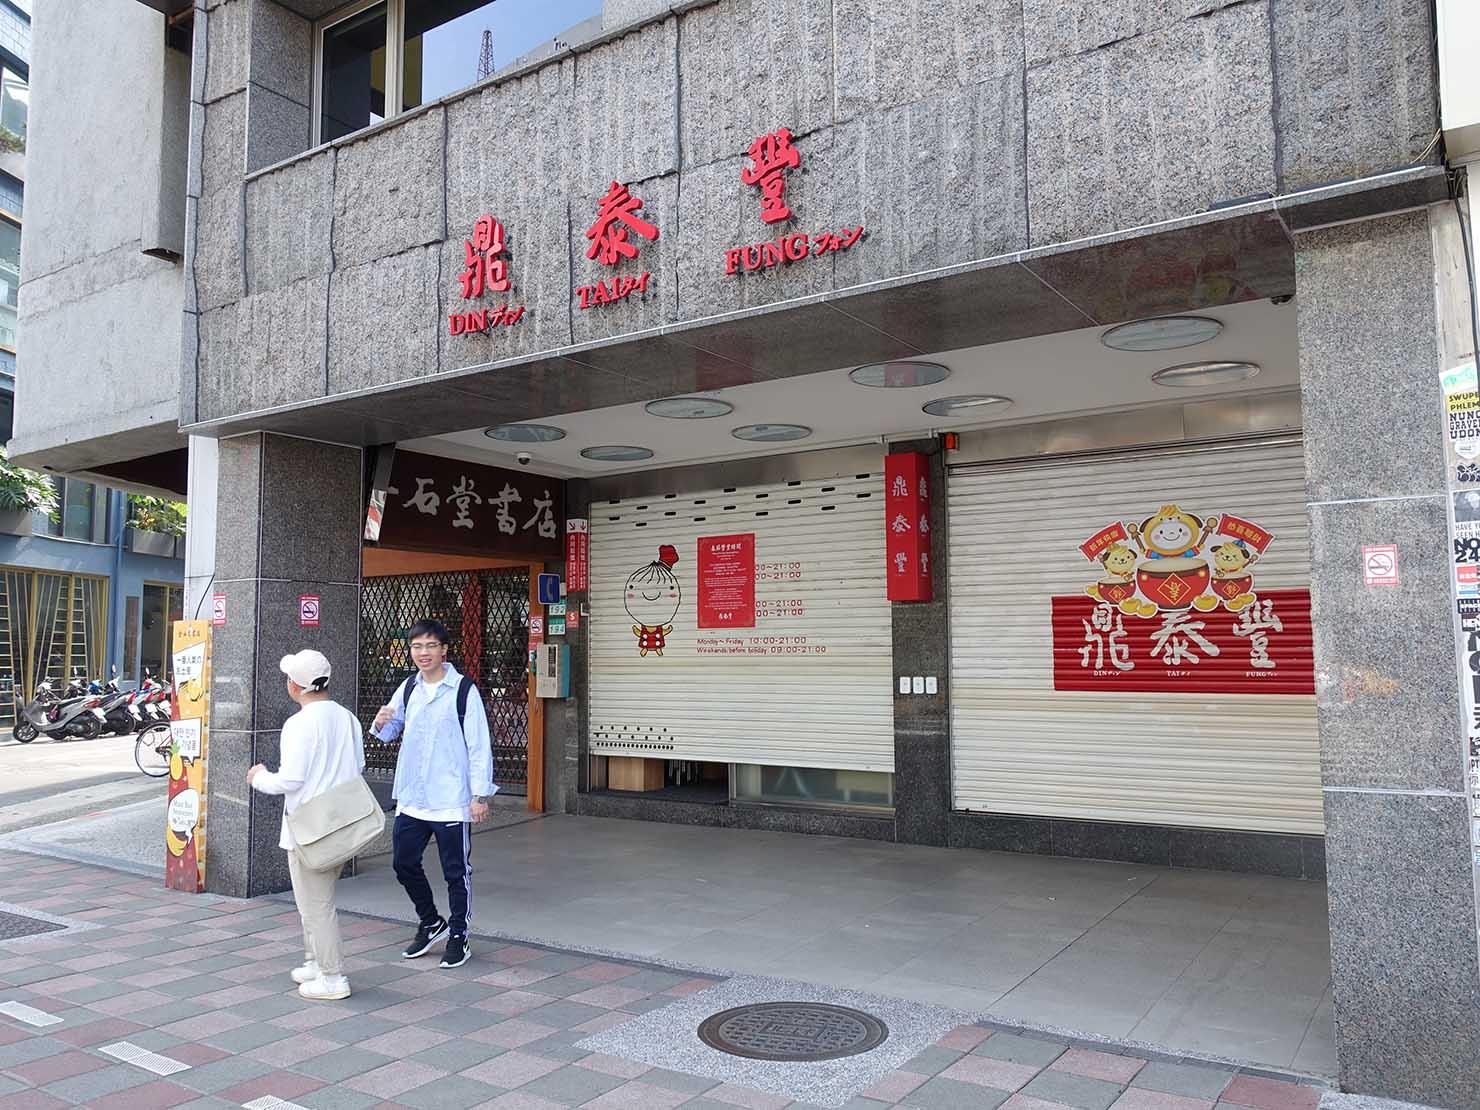 台北・永康街にある小籠包の有名店「鼎泰豐」本店